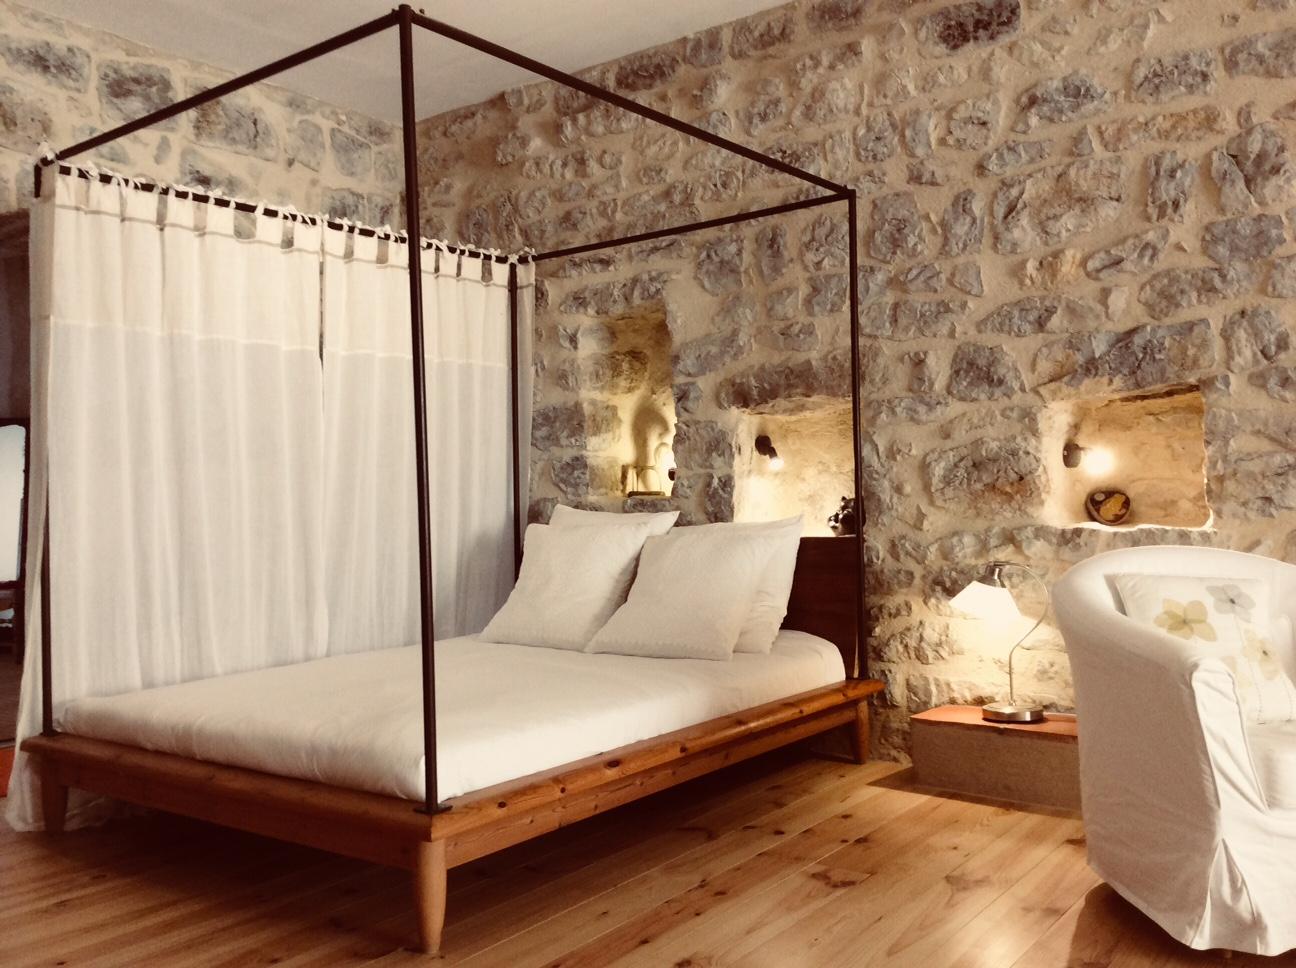 Lagrasse Gîte et Chambre d'Hôtes EstWest Espace Nuit 2 Lit 150 x 190